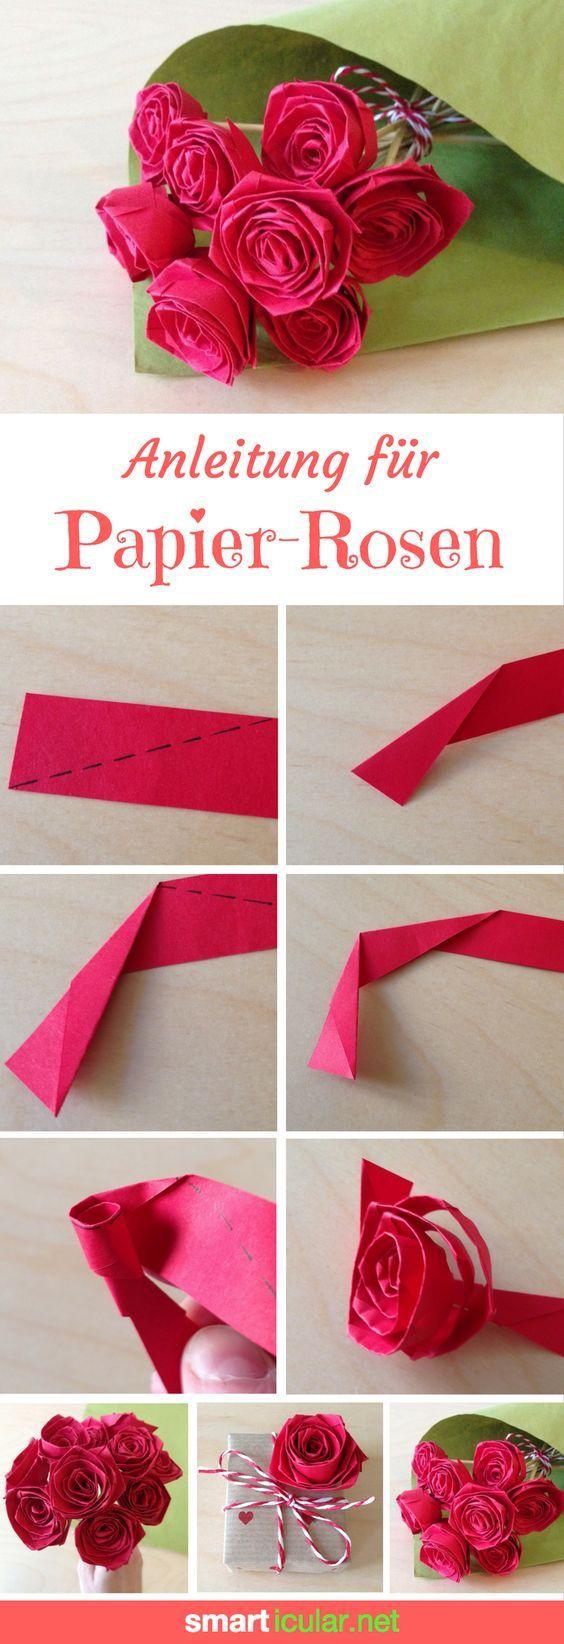 Rosen einfach aus Papier falten – nachhaltig und langlebig